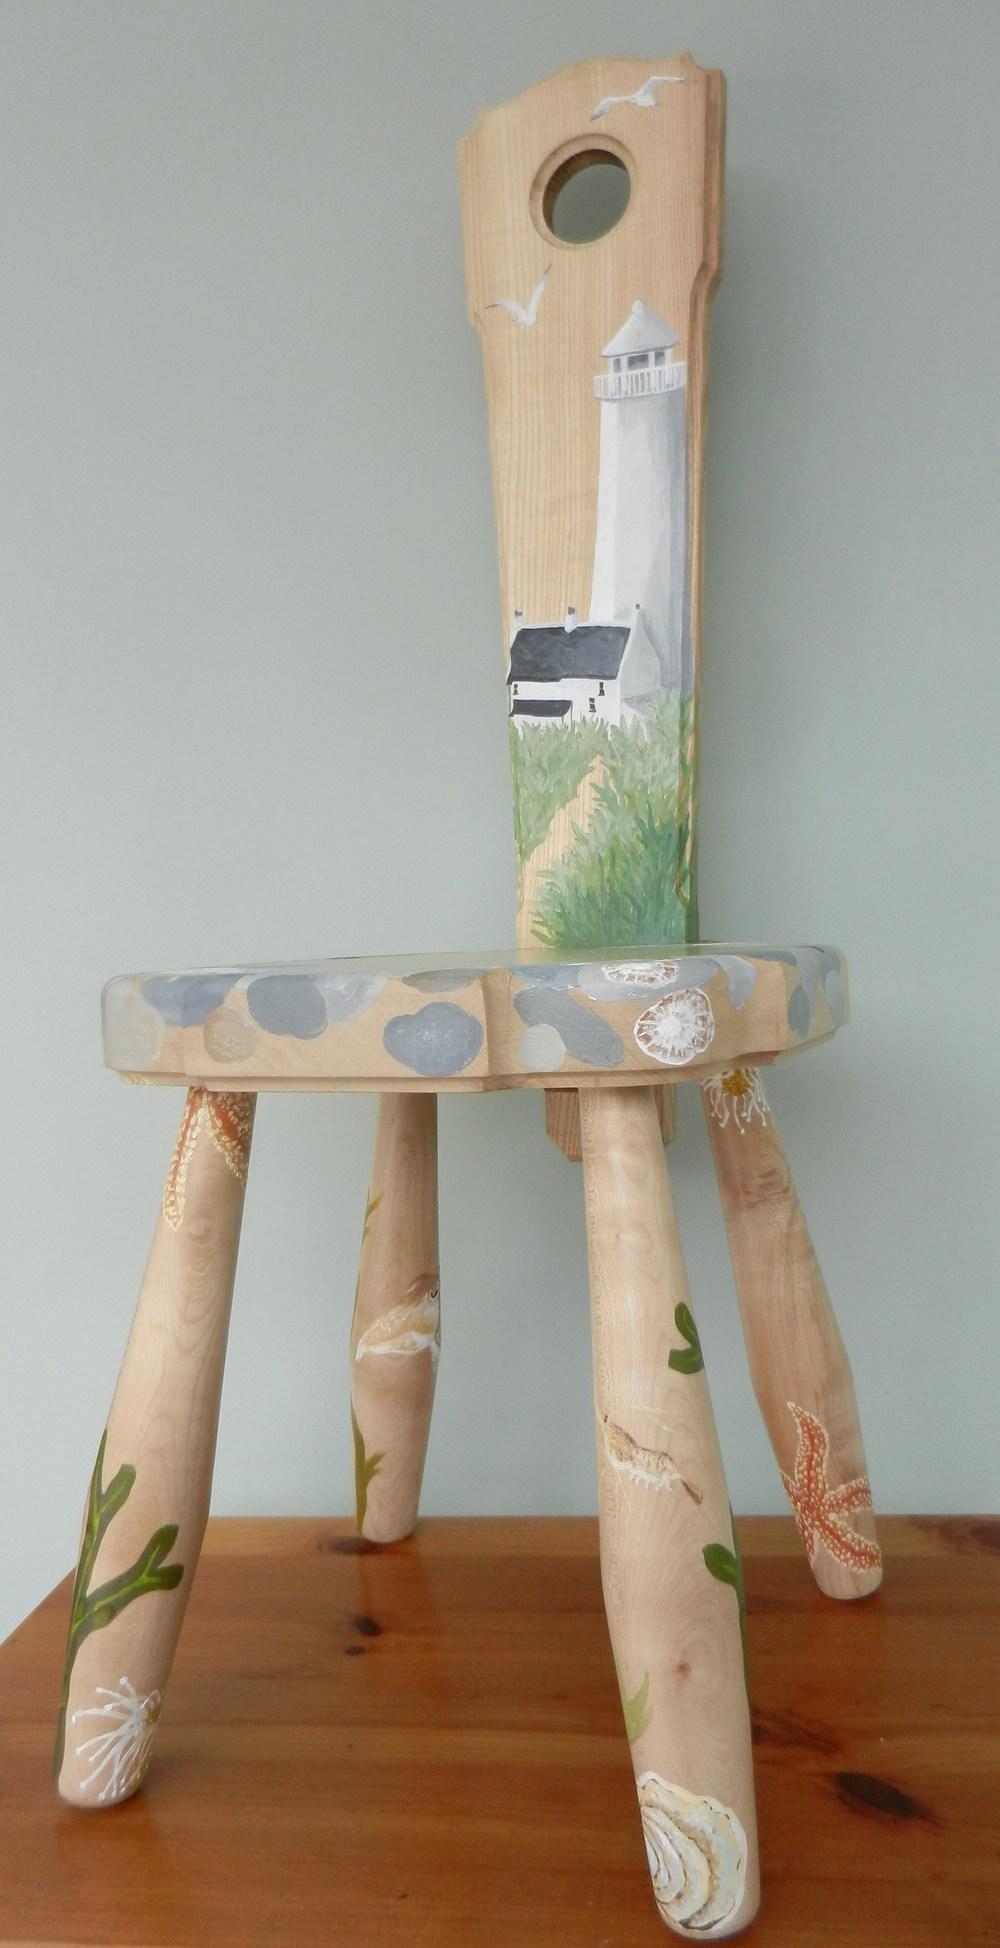 walney spinning stool 006.JPG